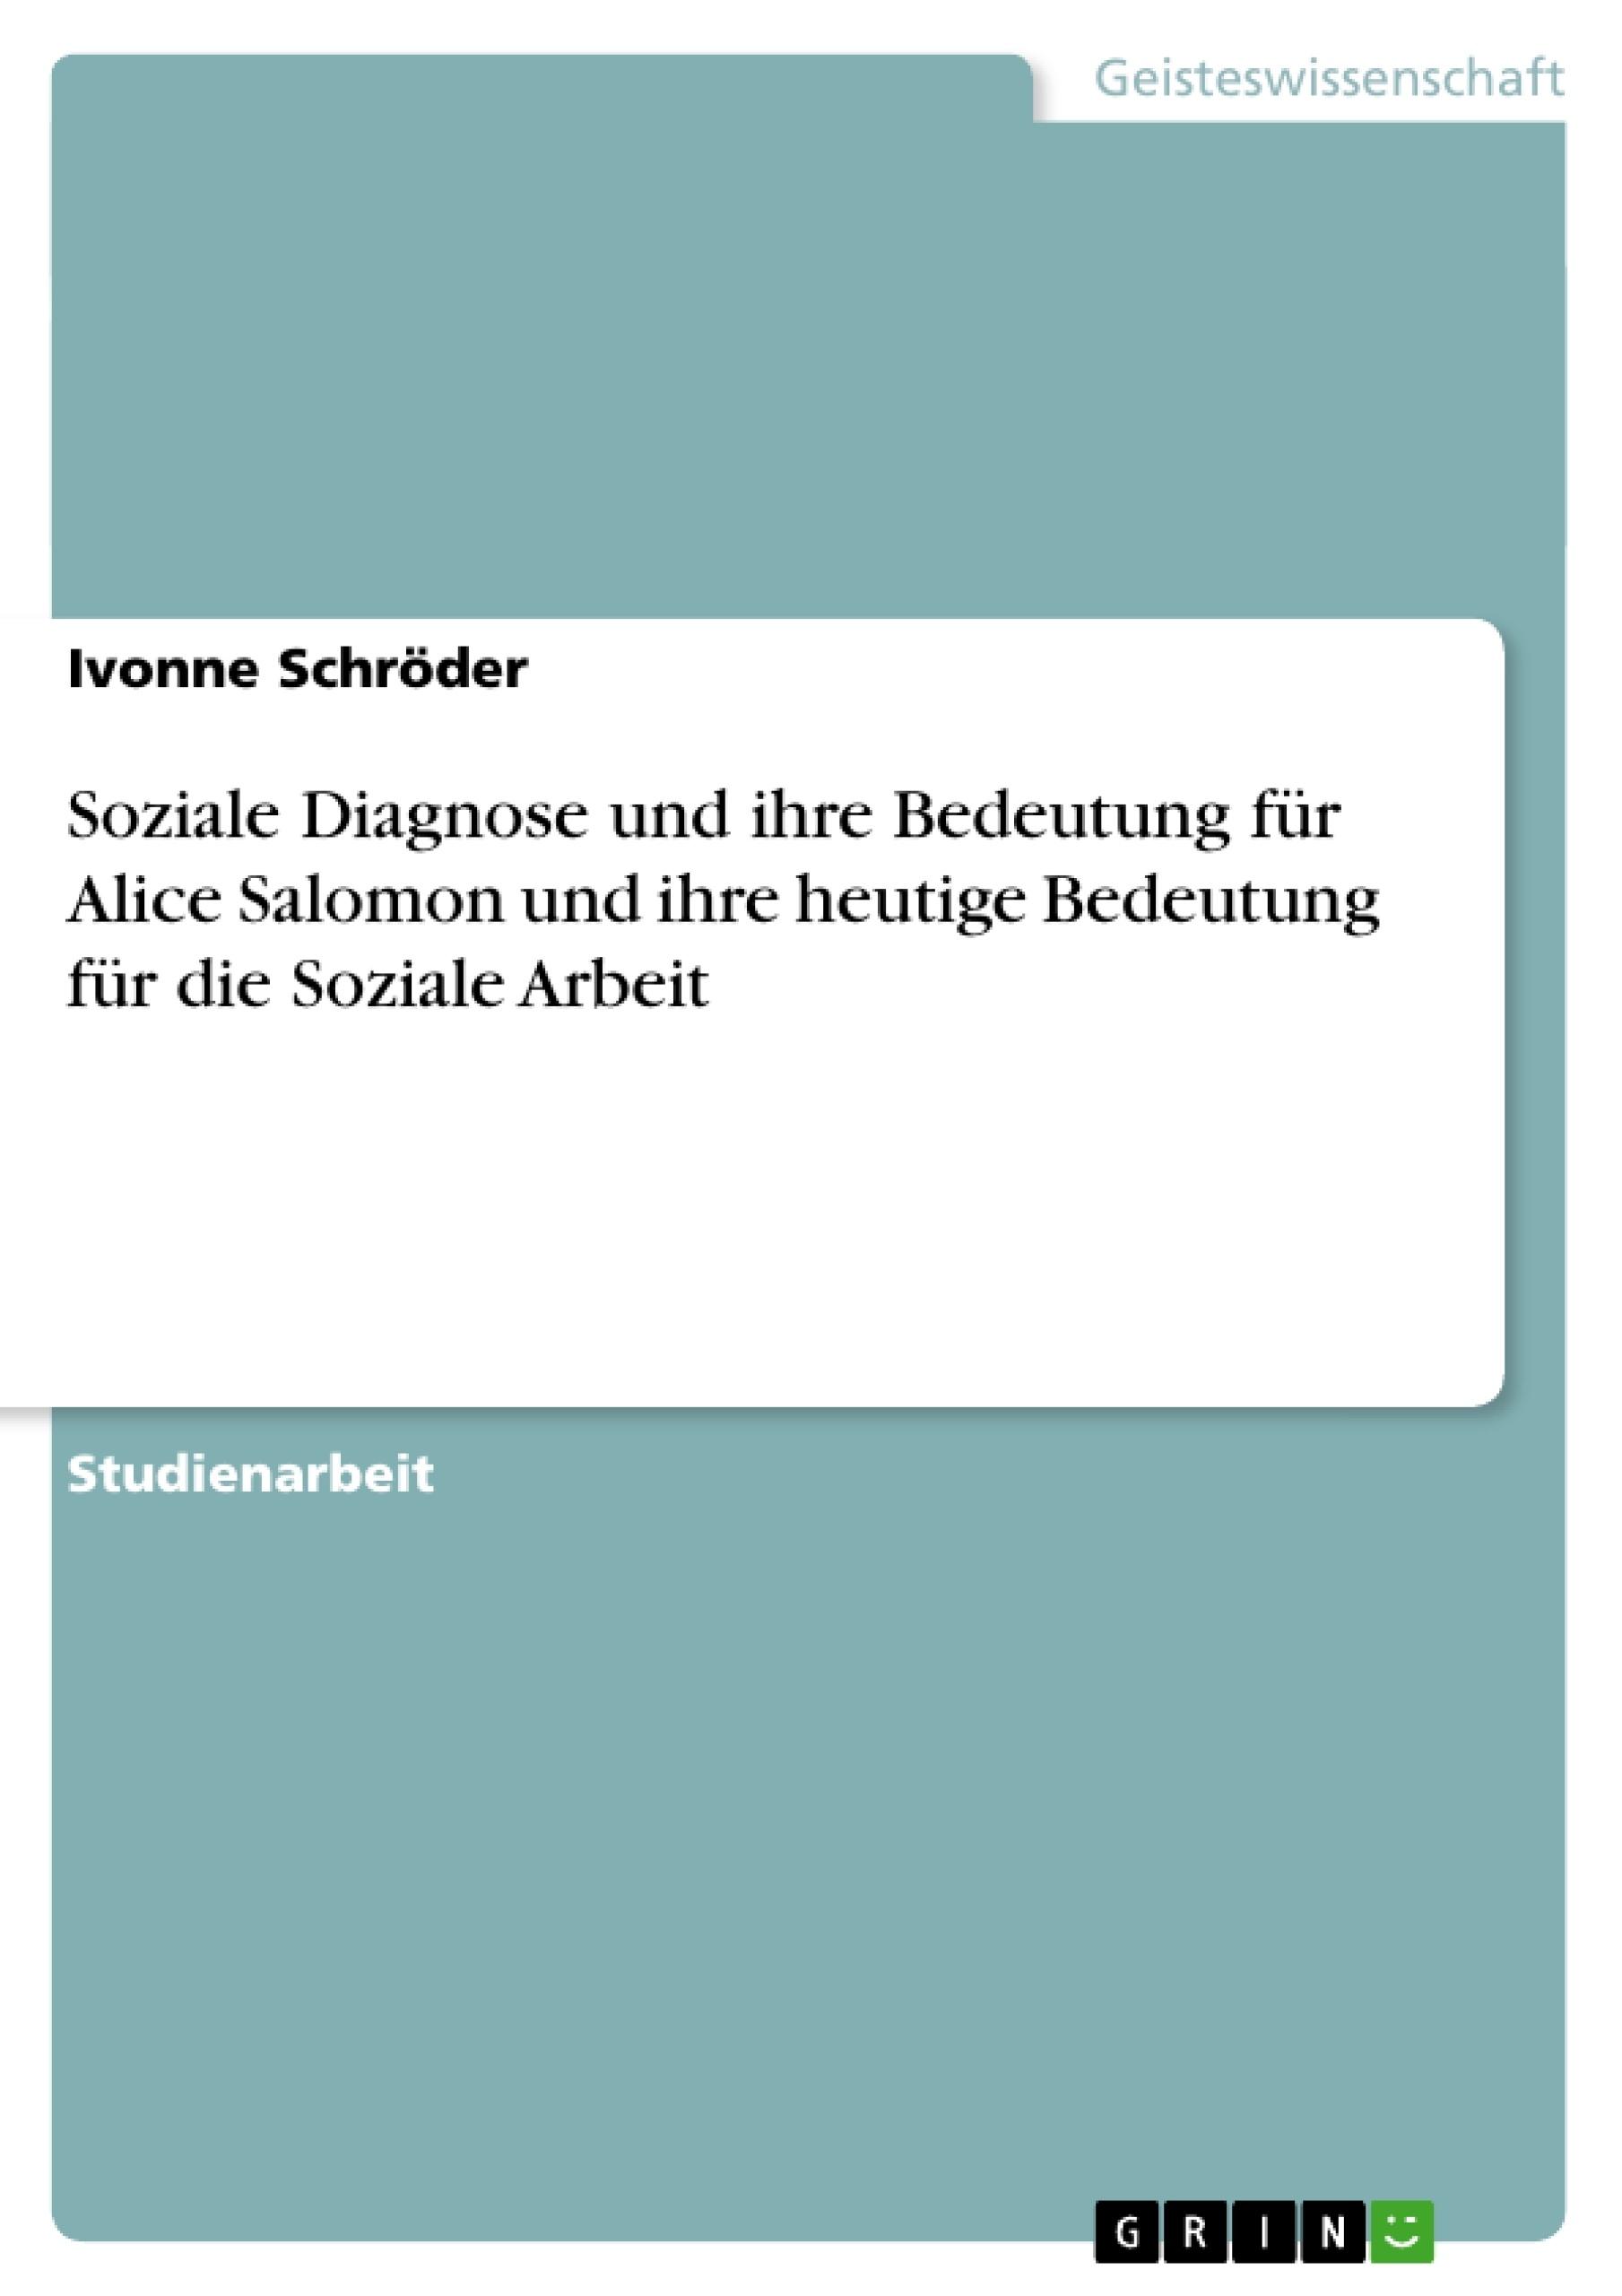 Titel: Soziale Diagnose und ihre Bedeutung für Alice Salomon und ihre heutige Bedeutung für die Soziale Arbeit